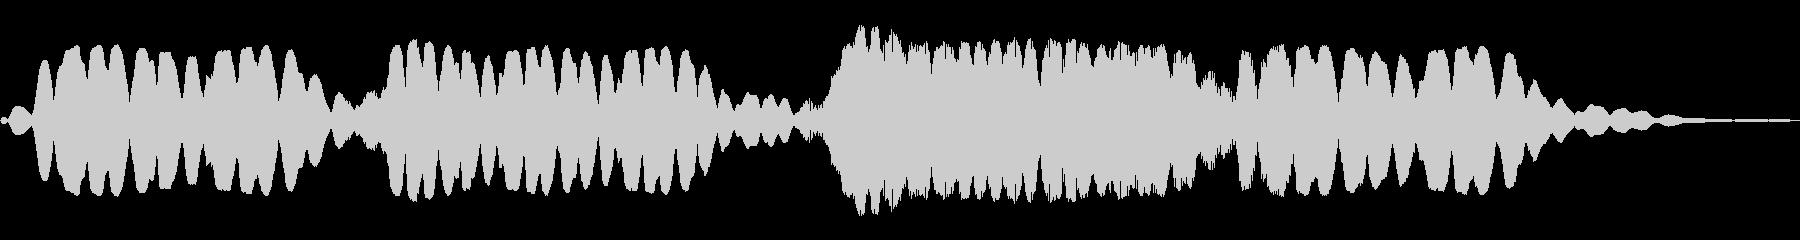 ホワワワーン(幻想的な効果音)の未再生の波形